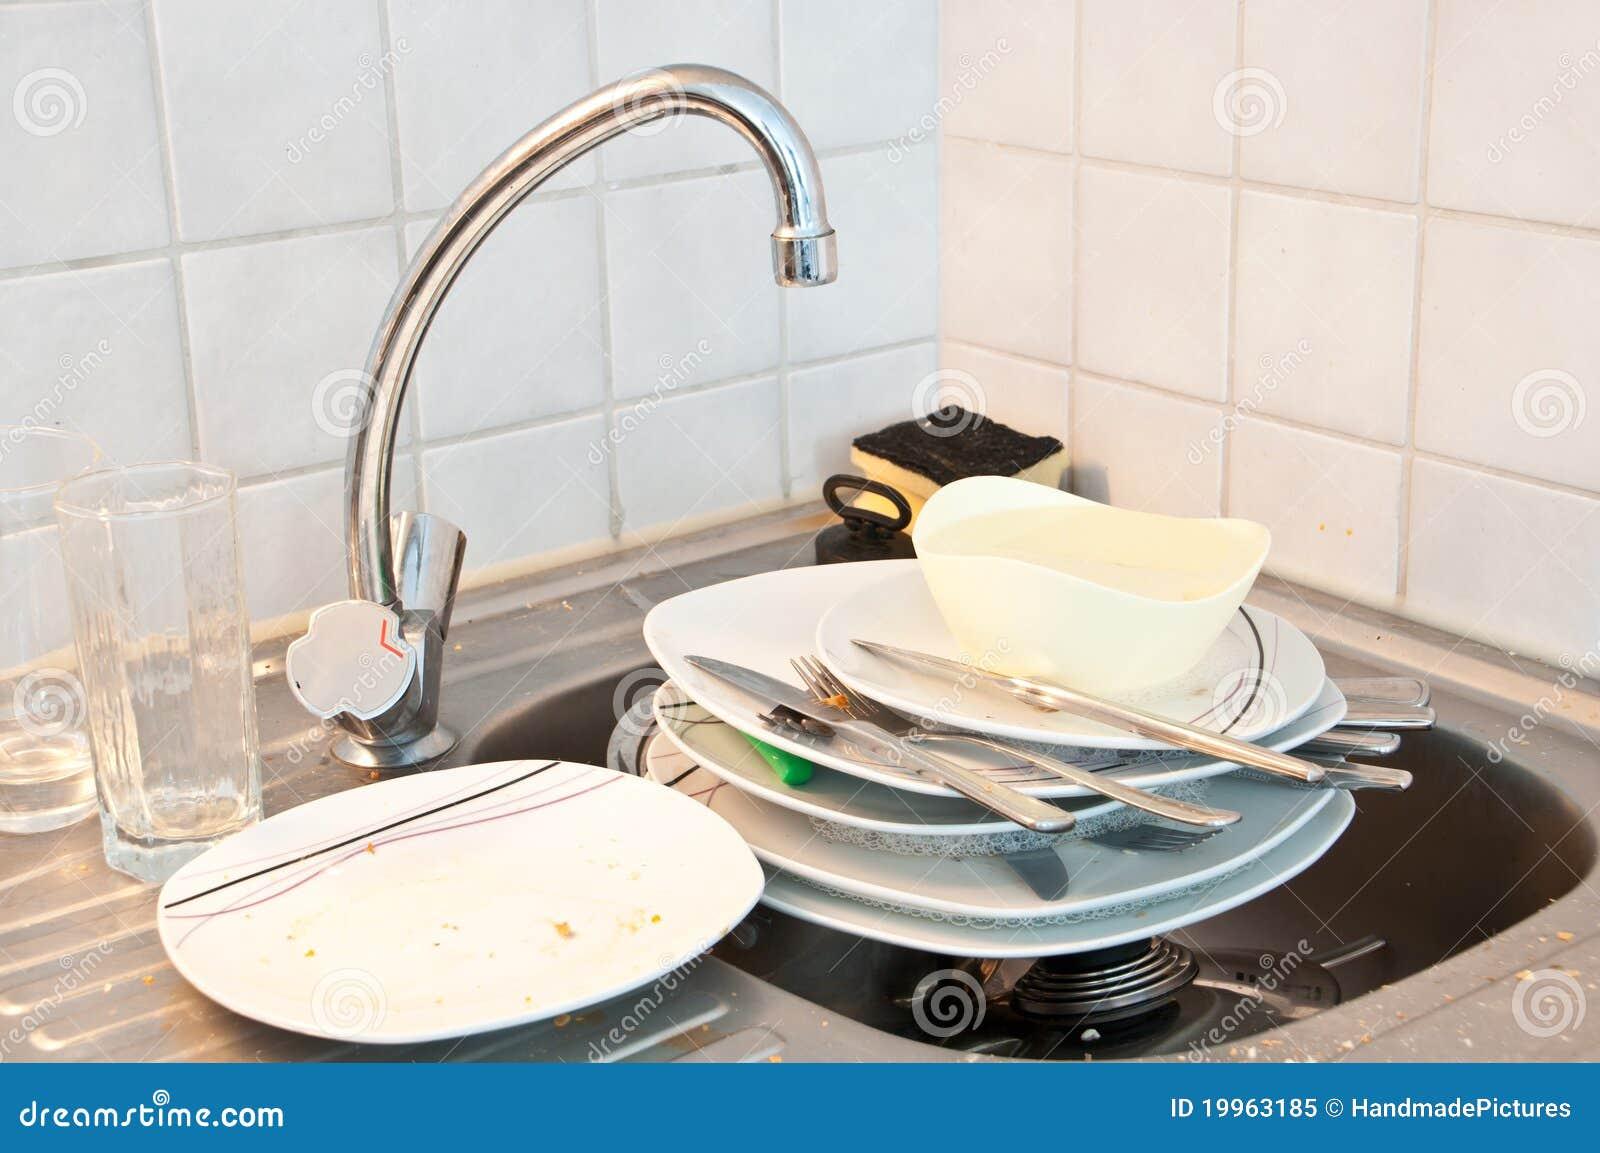 Kitchen Sink Water Dirty